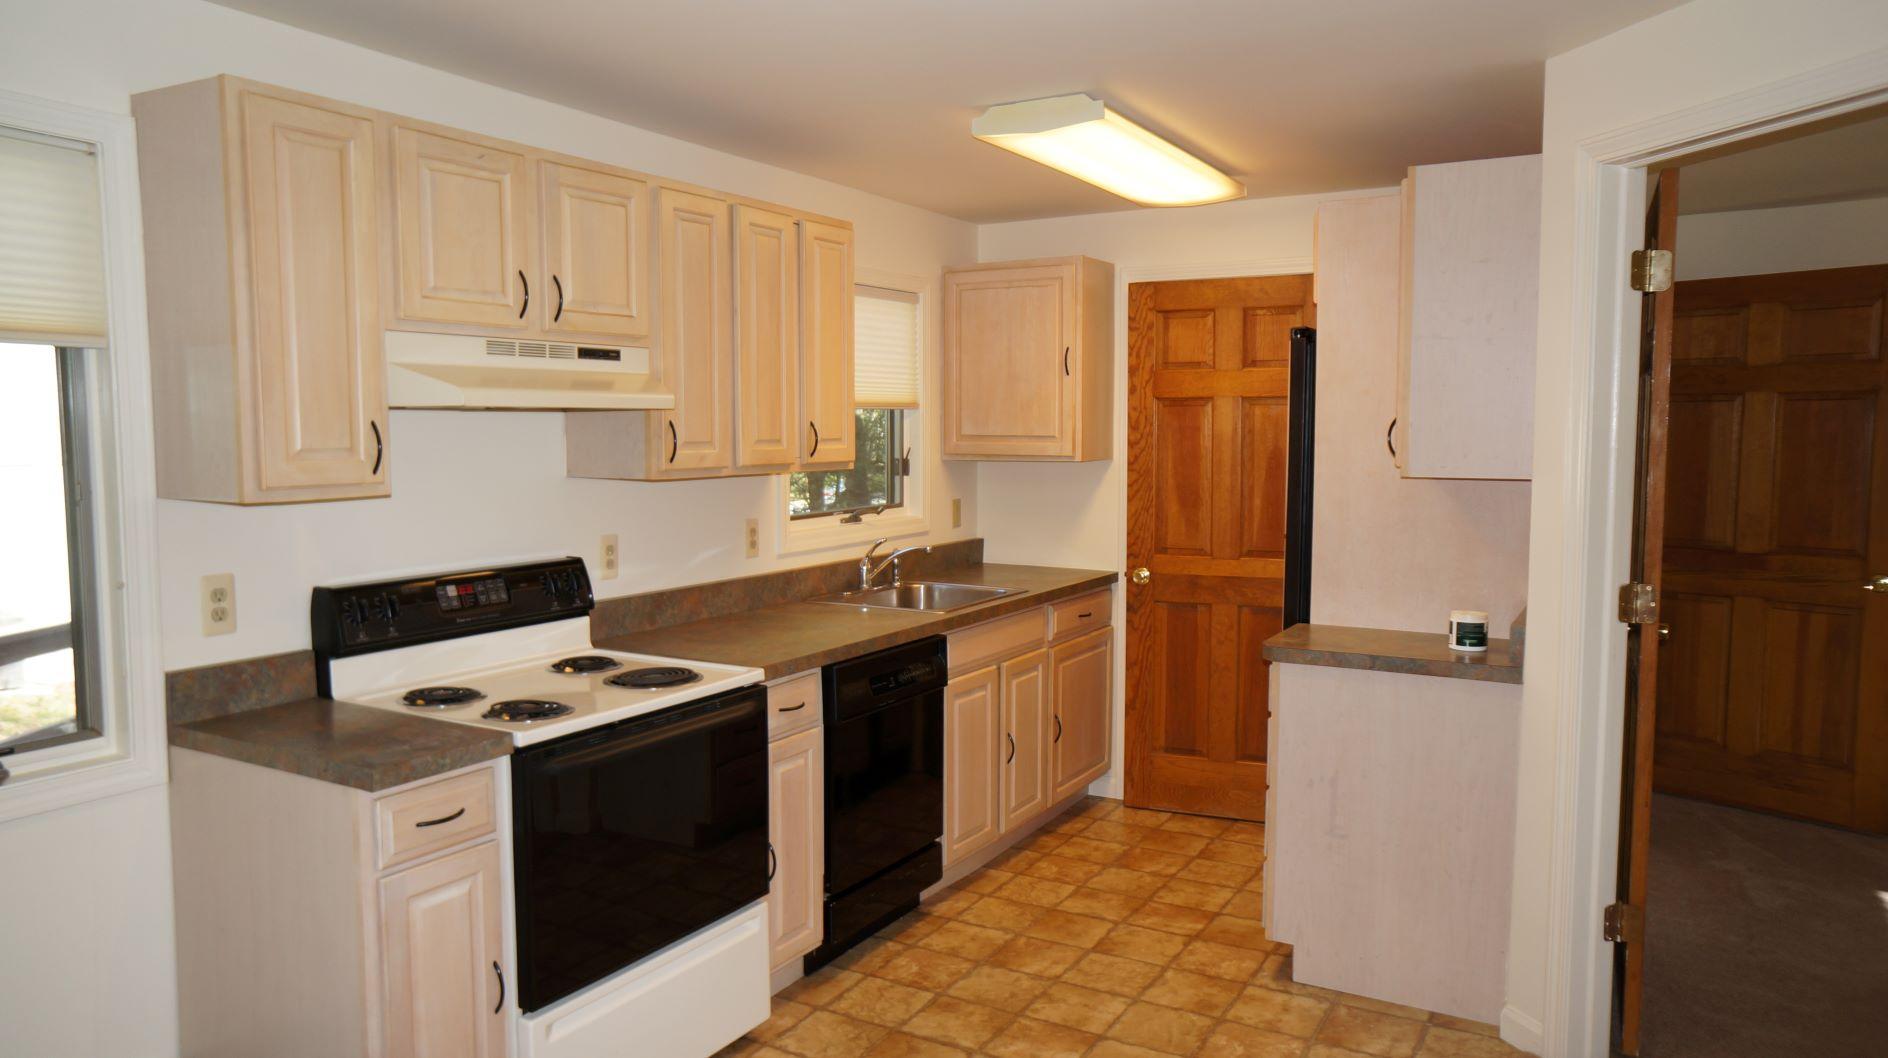 Cozy One Bedroom Apartment! - MalekProperties.com